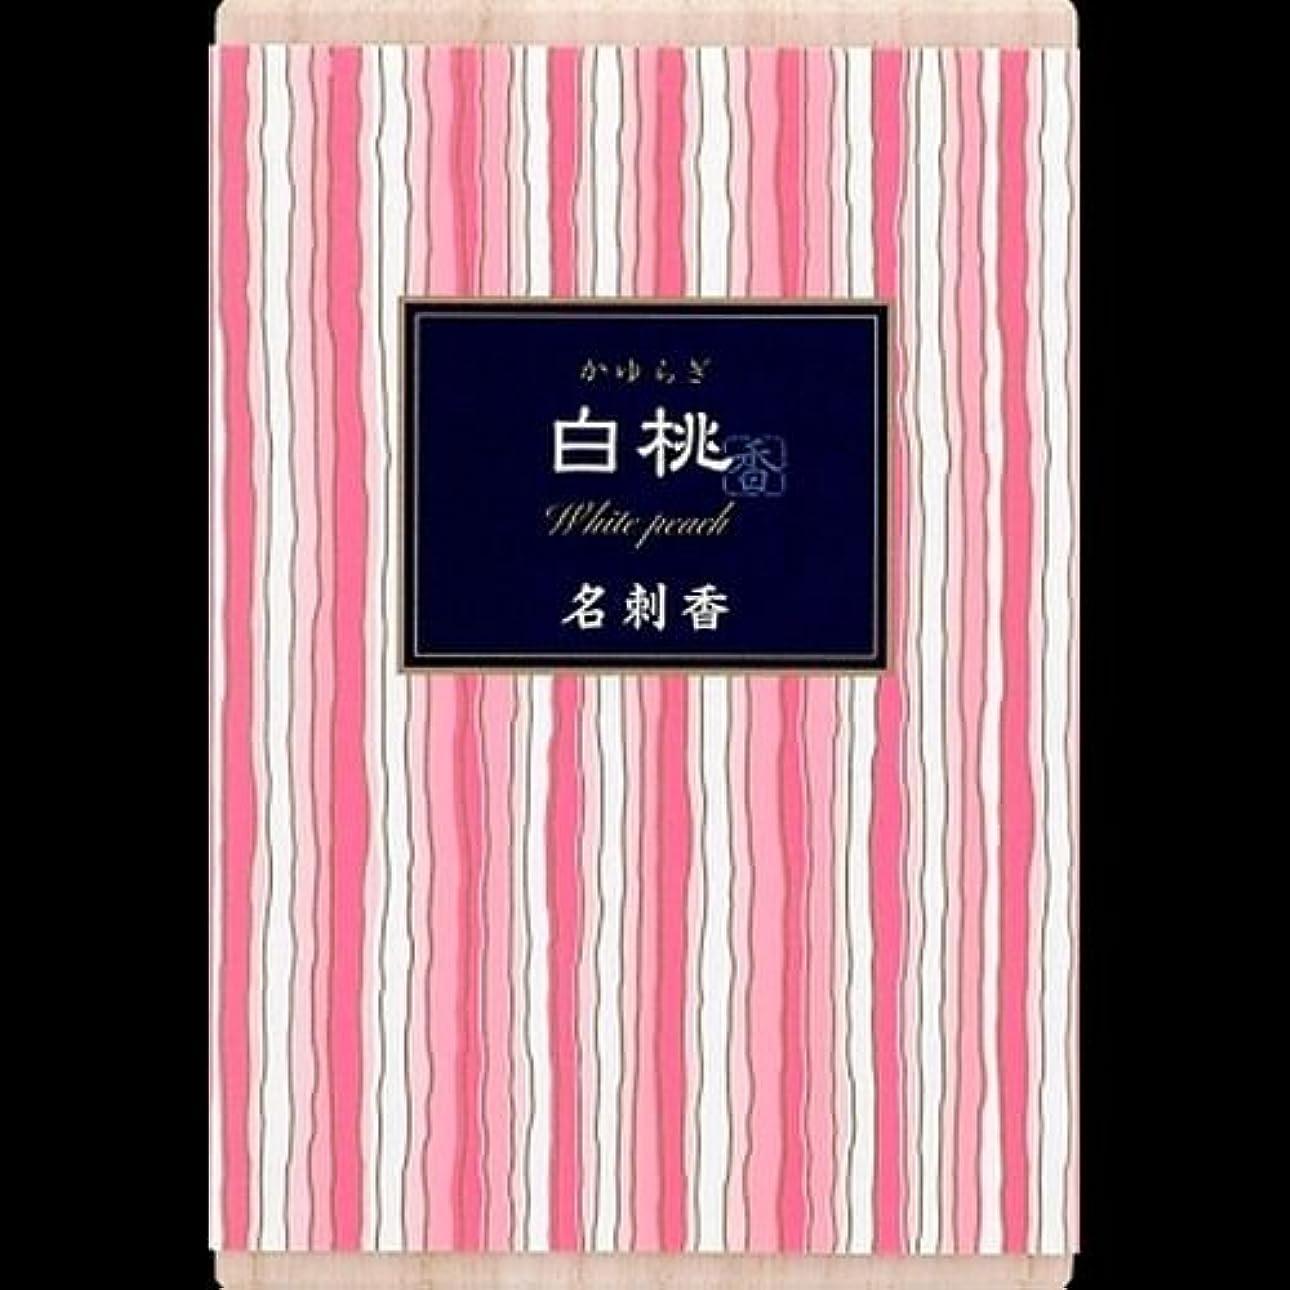 結婚した評決走る【まとめ買い】かゆらぎ 白桃 名刺香 桐箱 6入 ×2セット